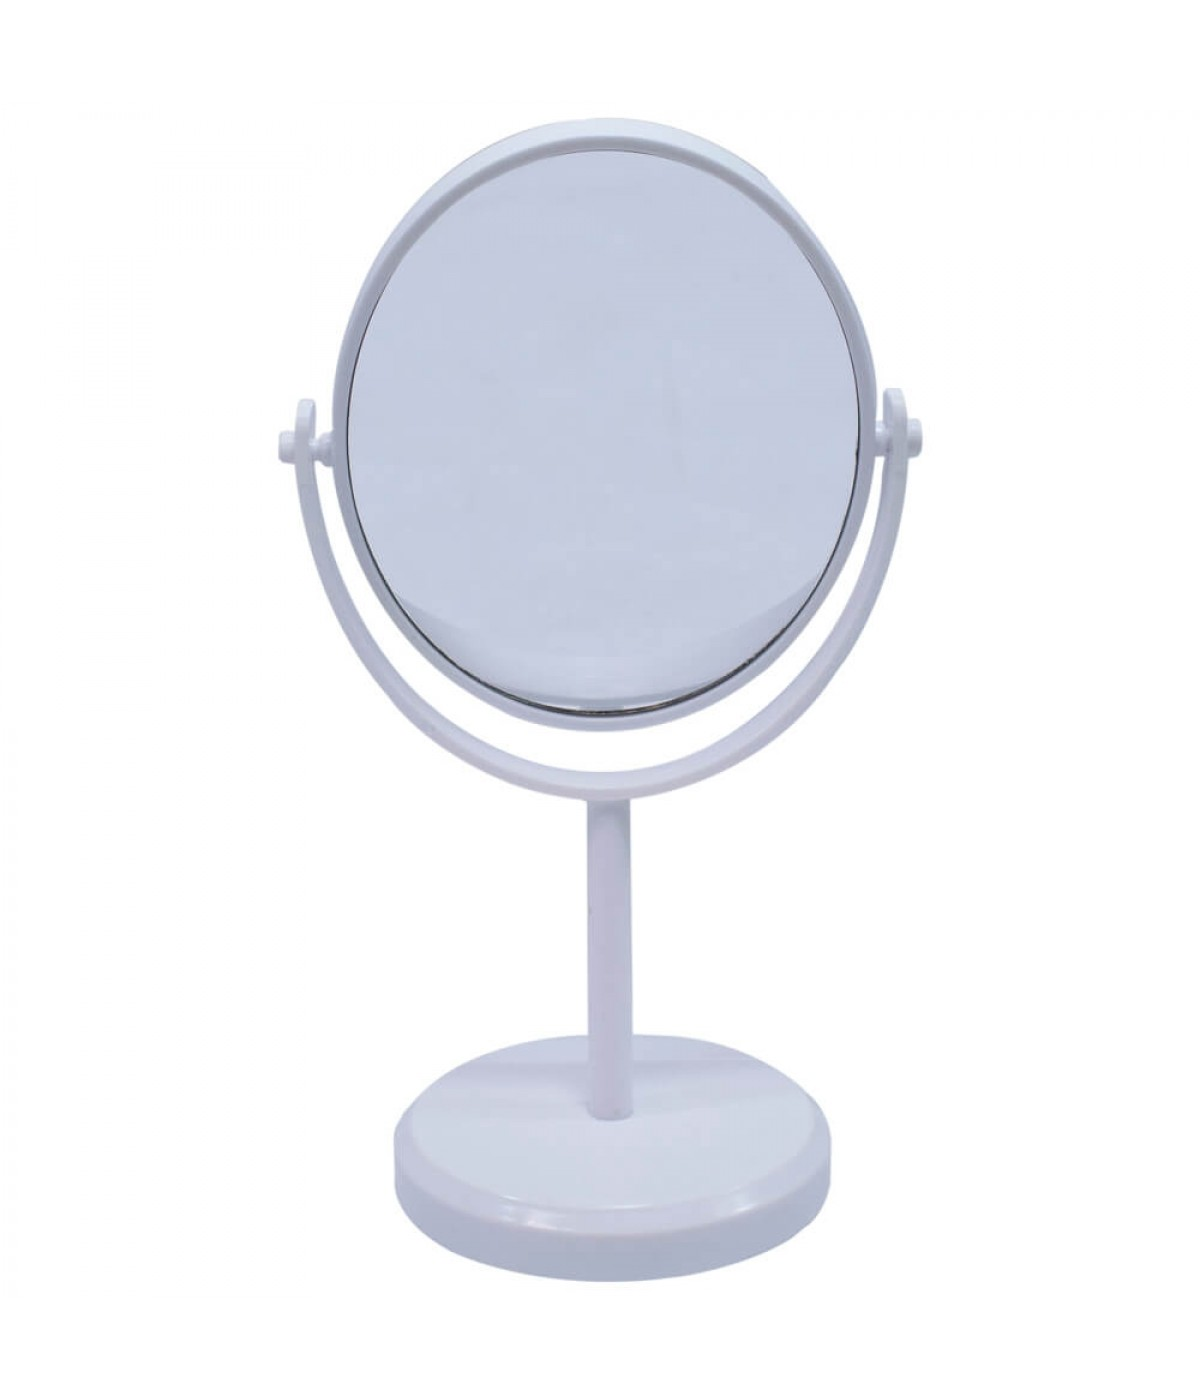 Espelho De Mesa Oval Branco Dupla Face 30cm